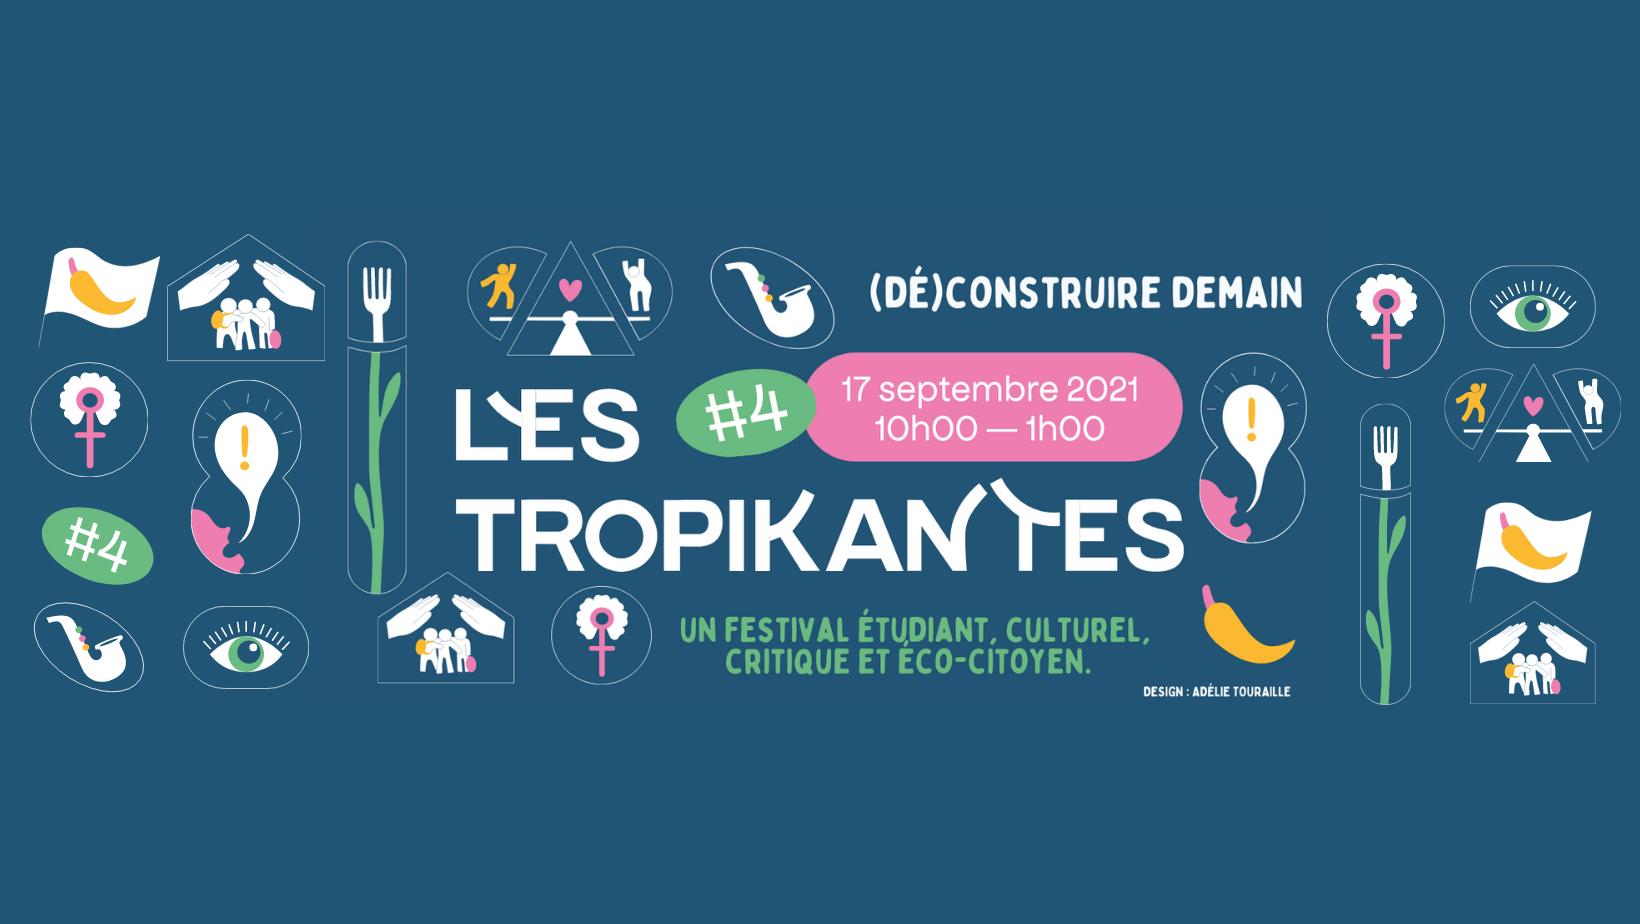 Festival Les TroPikantes #4 - (Dé)Construire Demain Jardin d'Agronomie tropicale de Paris Paris